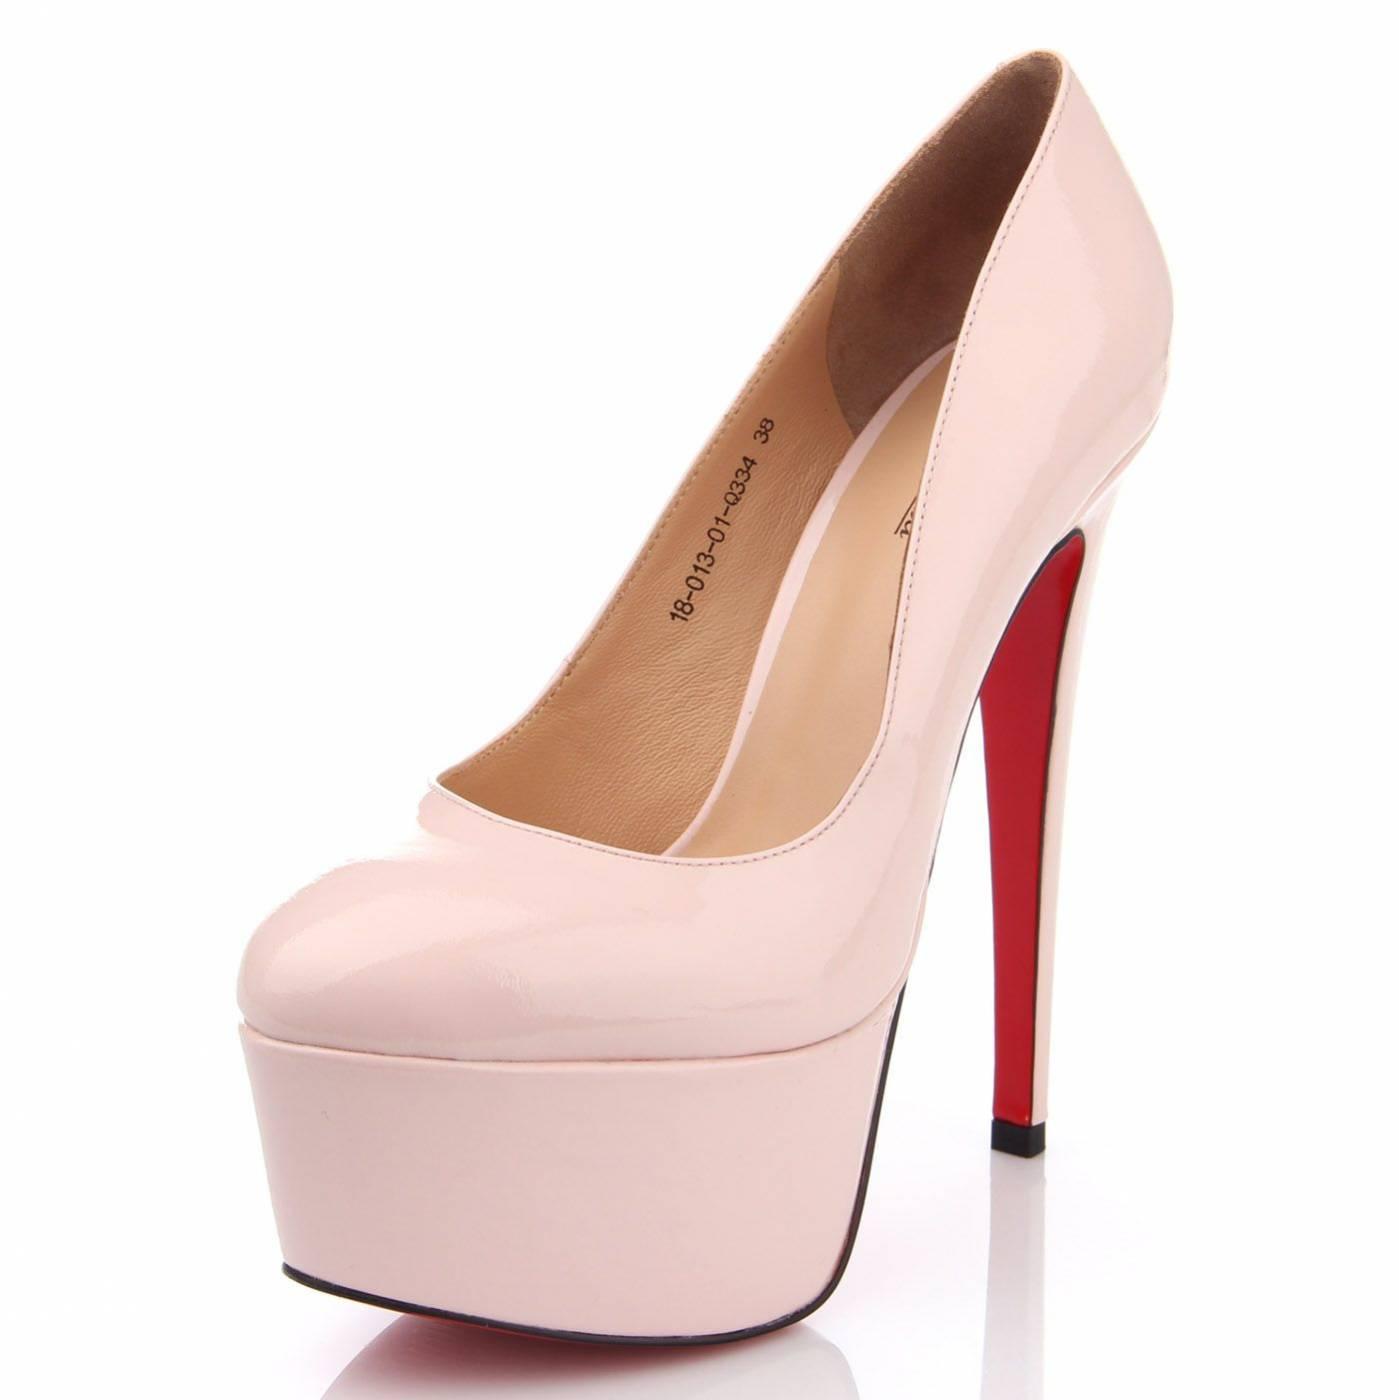 7aed7c08 Туфли женские Djovannia 5448 Розовый купить по выгодной цене в ...